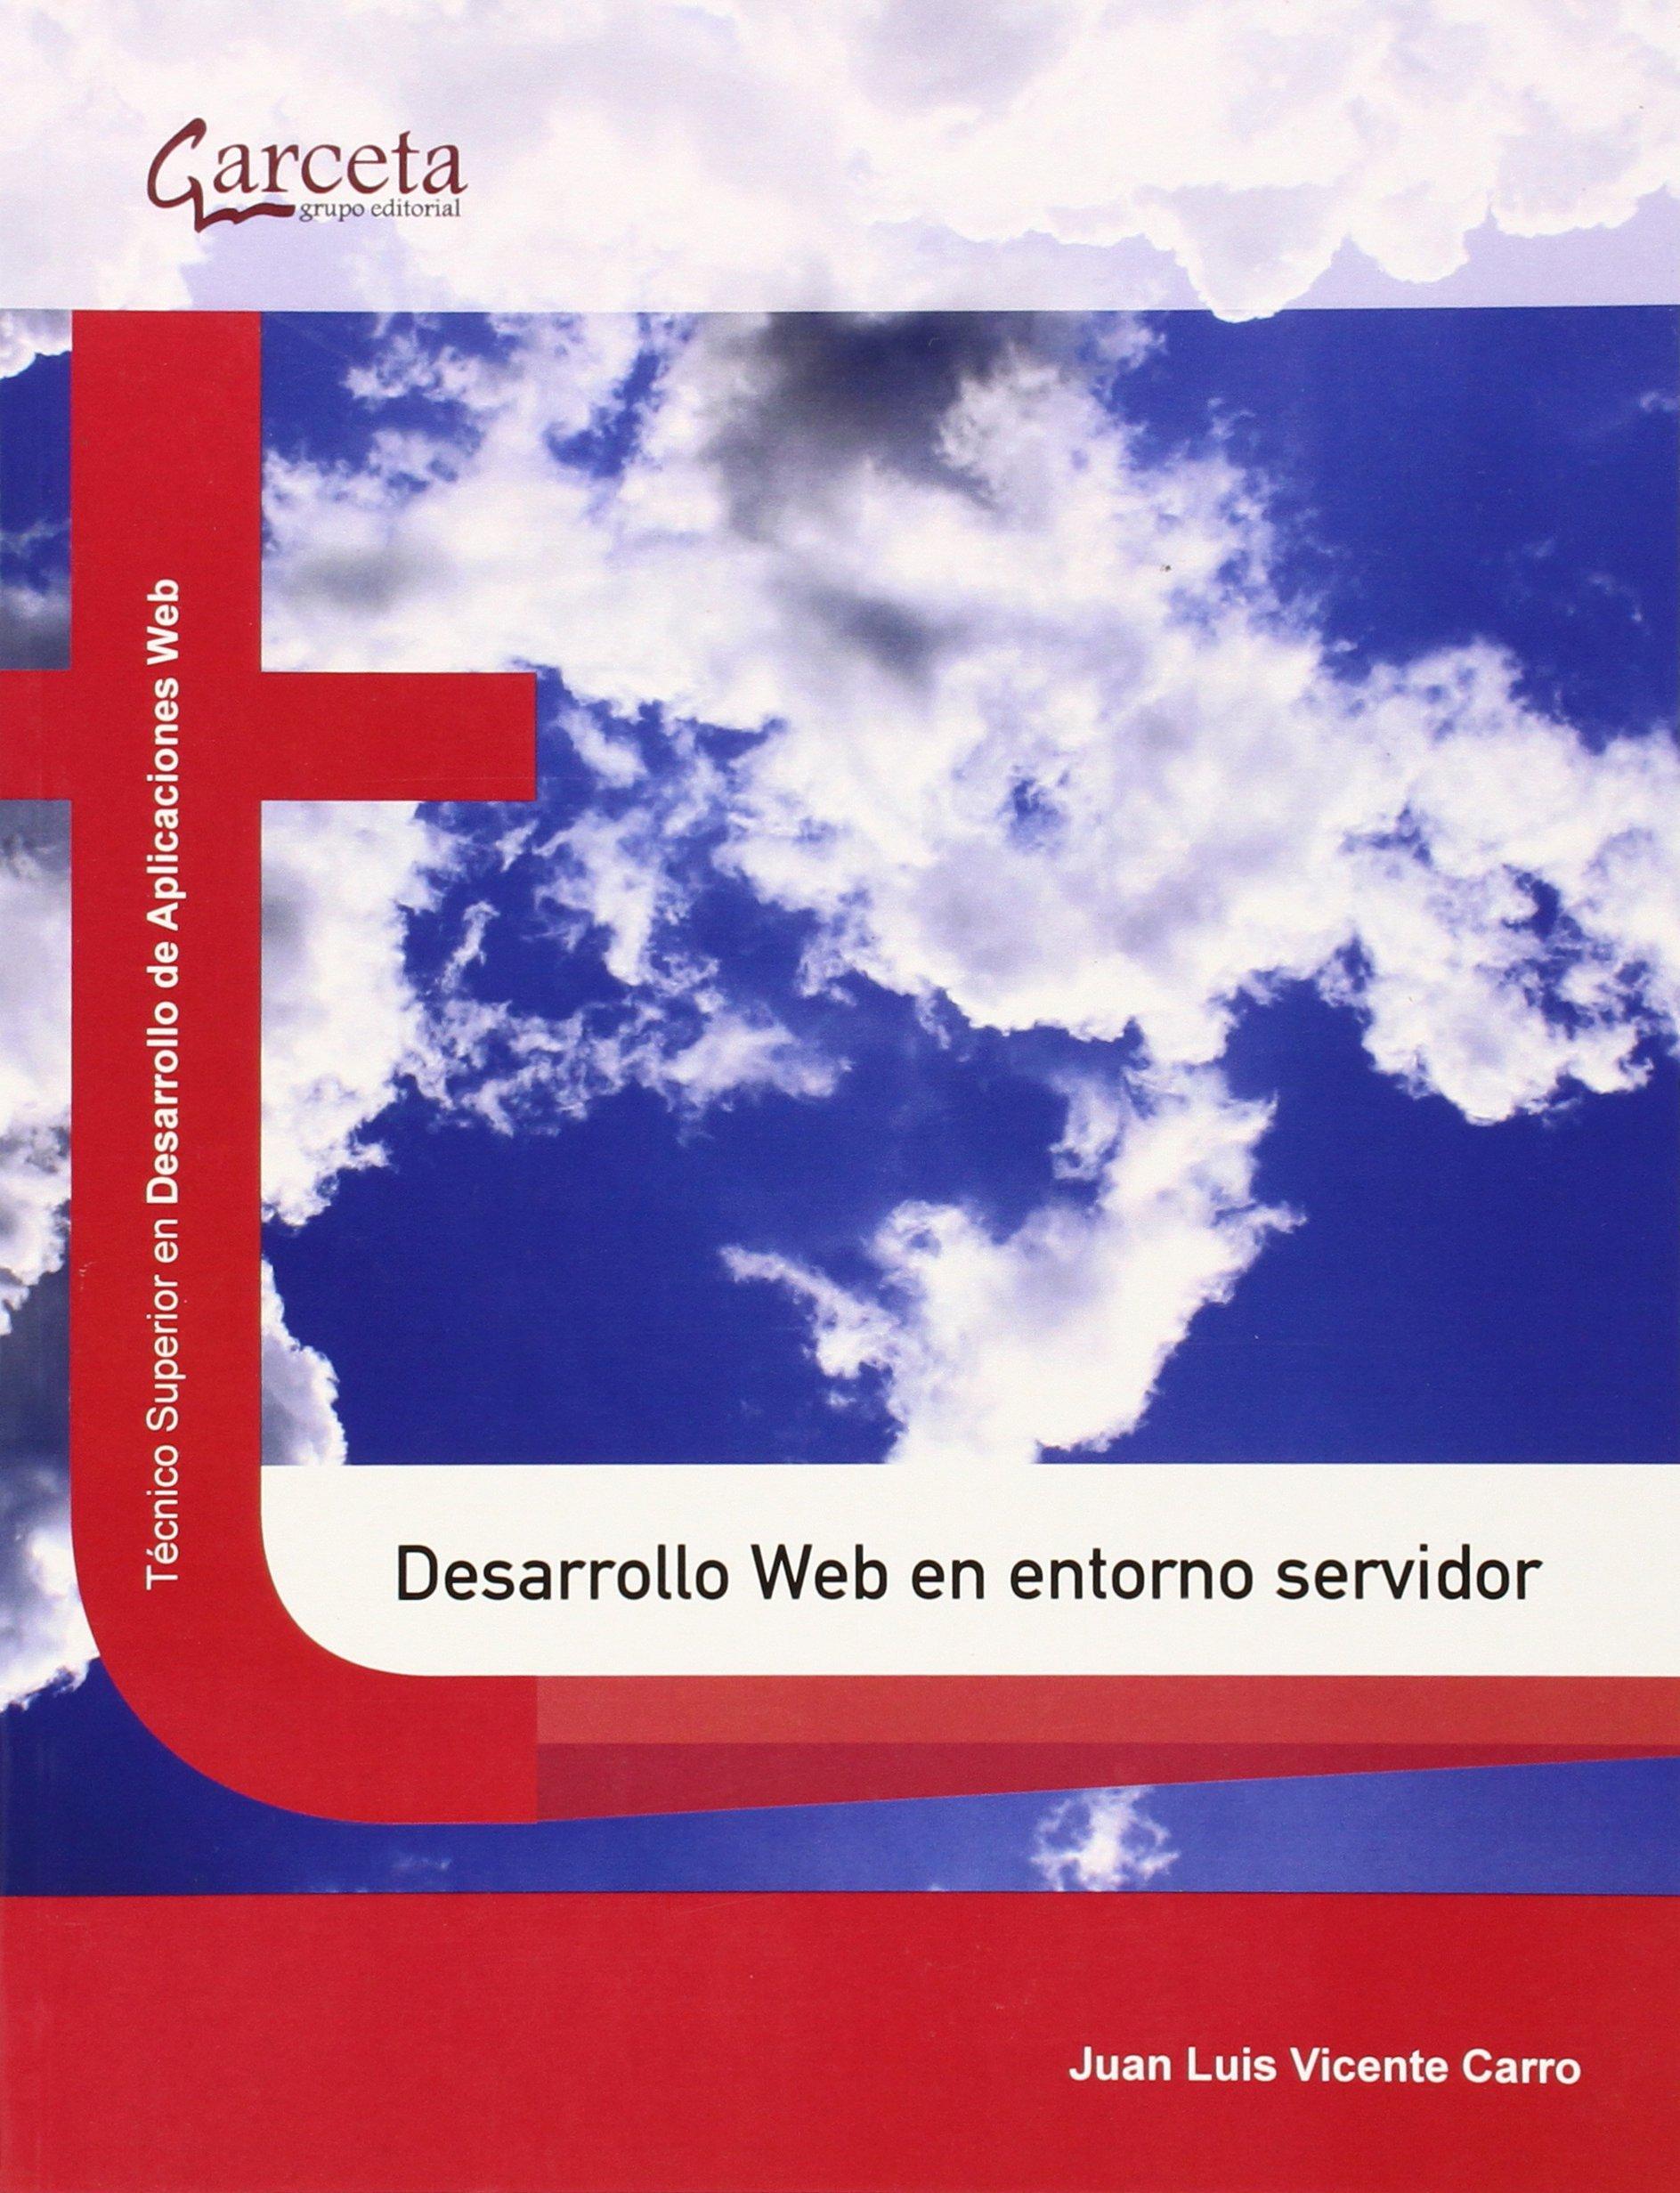 Desarrollo Web en entorno servidor (Texto (garceta)): Amazon.es: Juan Luis Vicente Carro: Libros